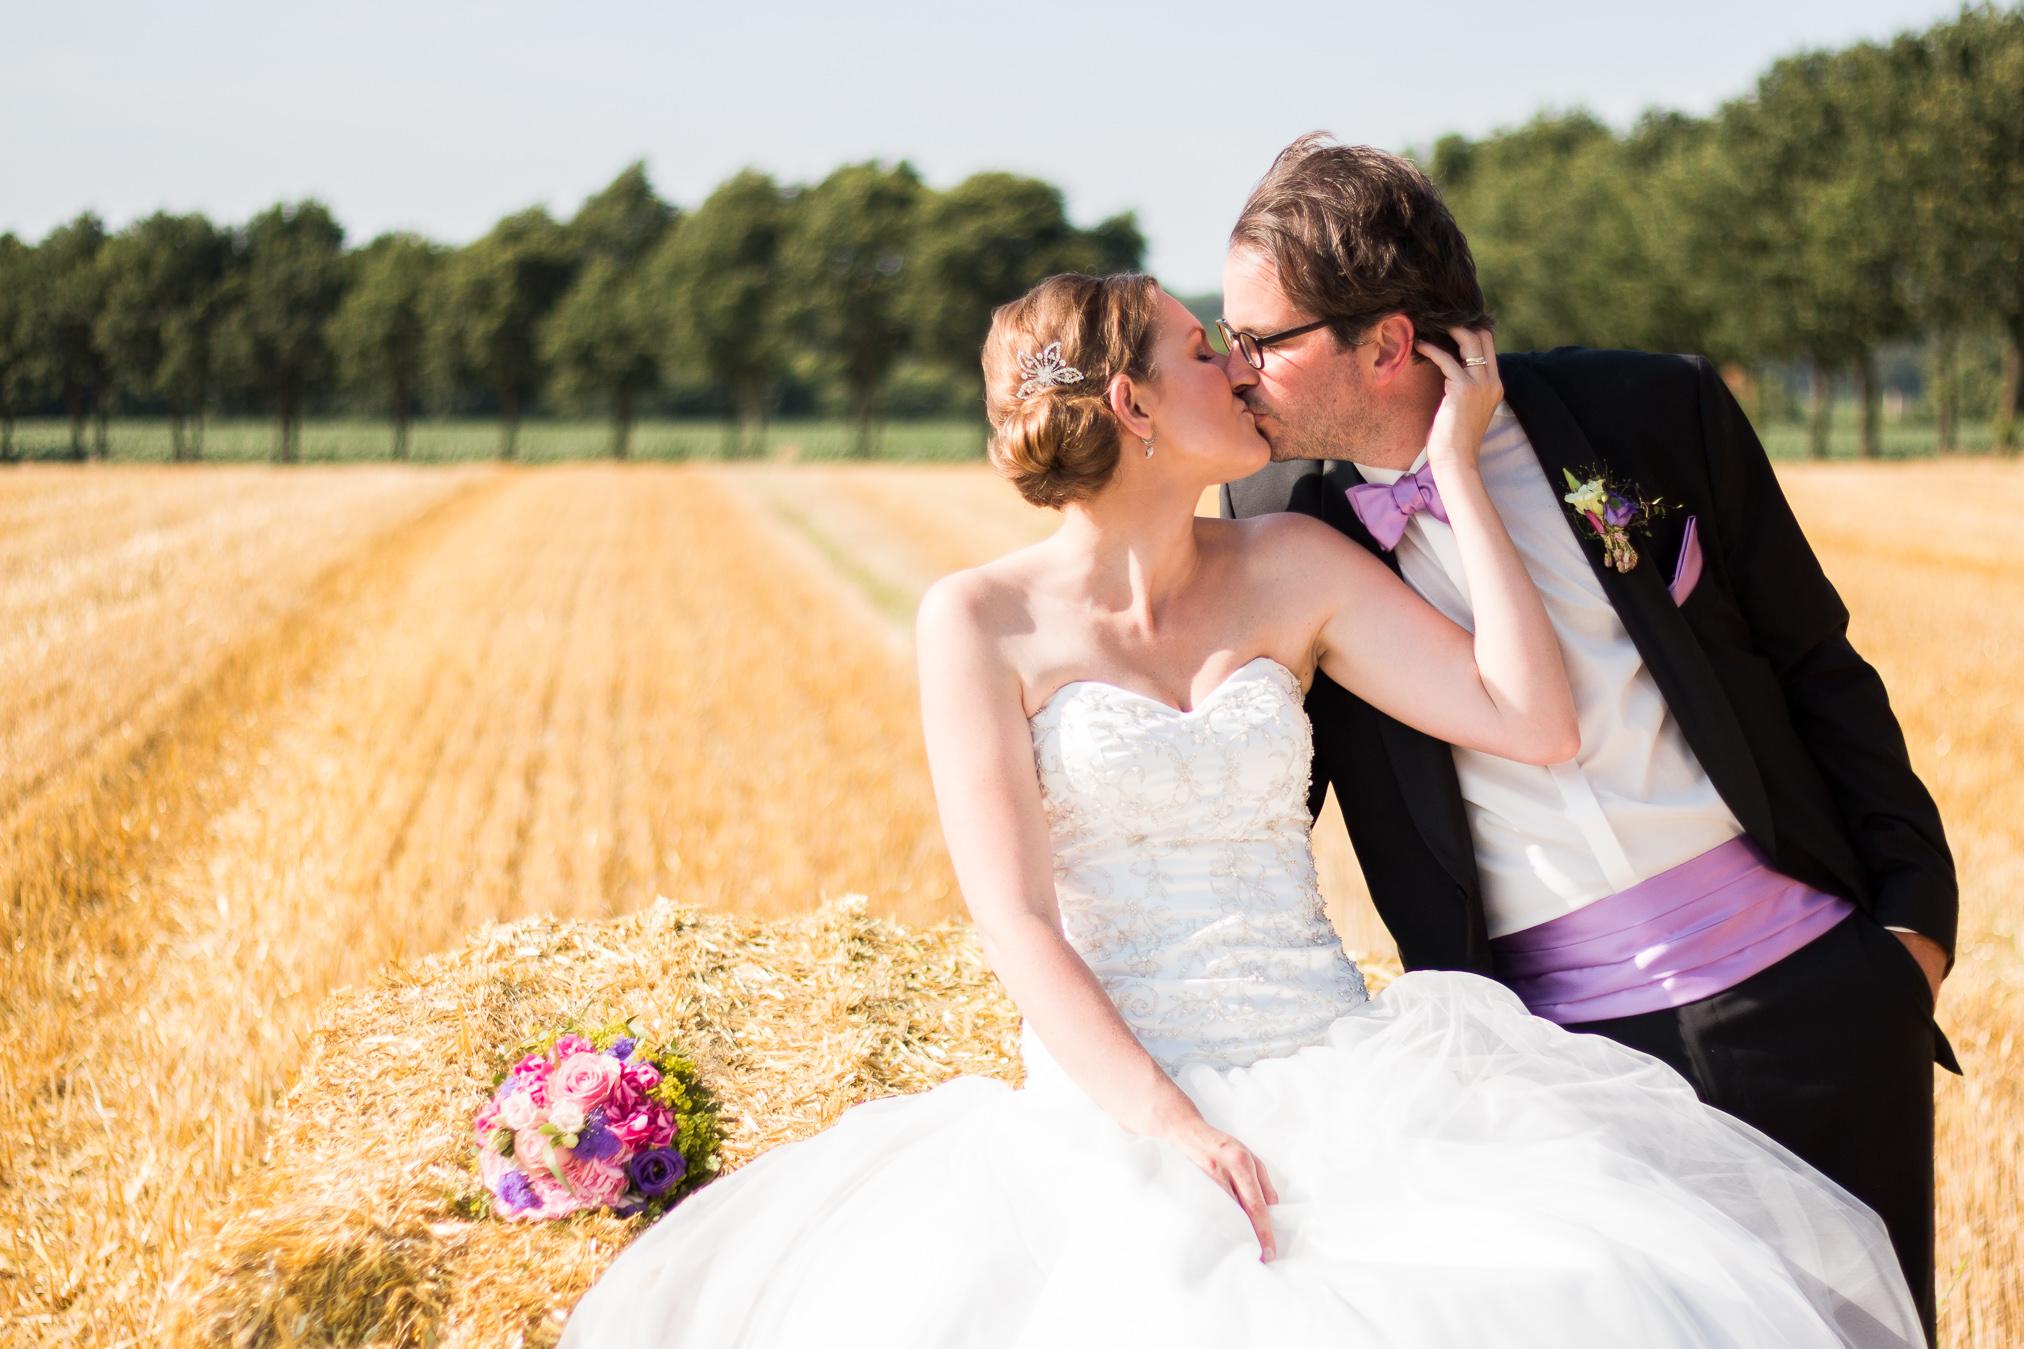 Hochzeitsfotograf Münster Münsterland Andreas Völker Hochzeitsfotos Hochzeitsbilder Hochzeitsfotografie NRW